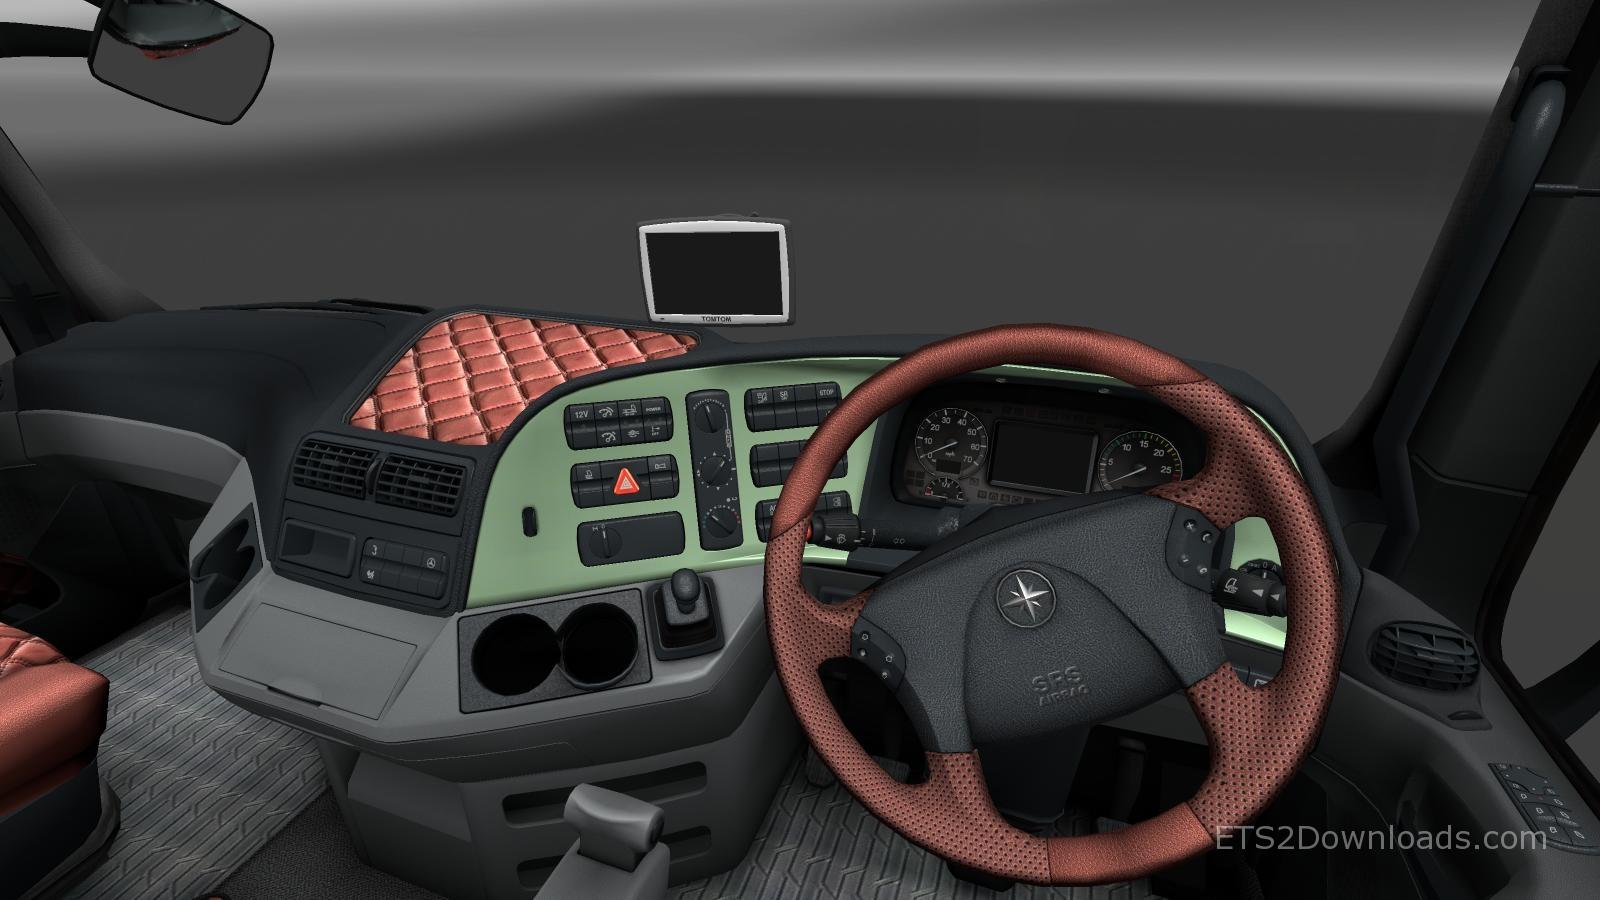 tomtom-gps-for-all-trucks-2